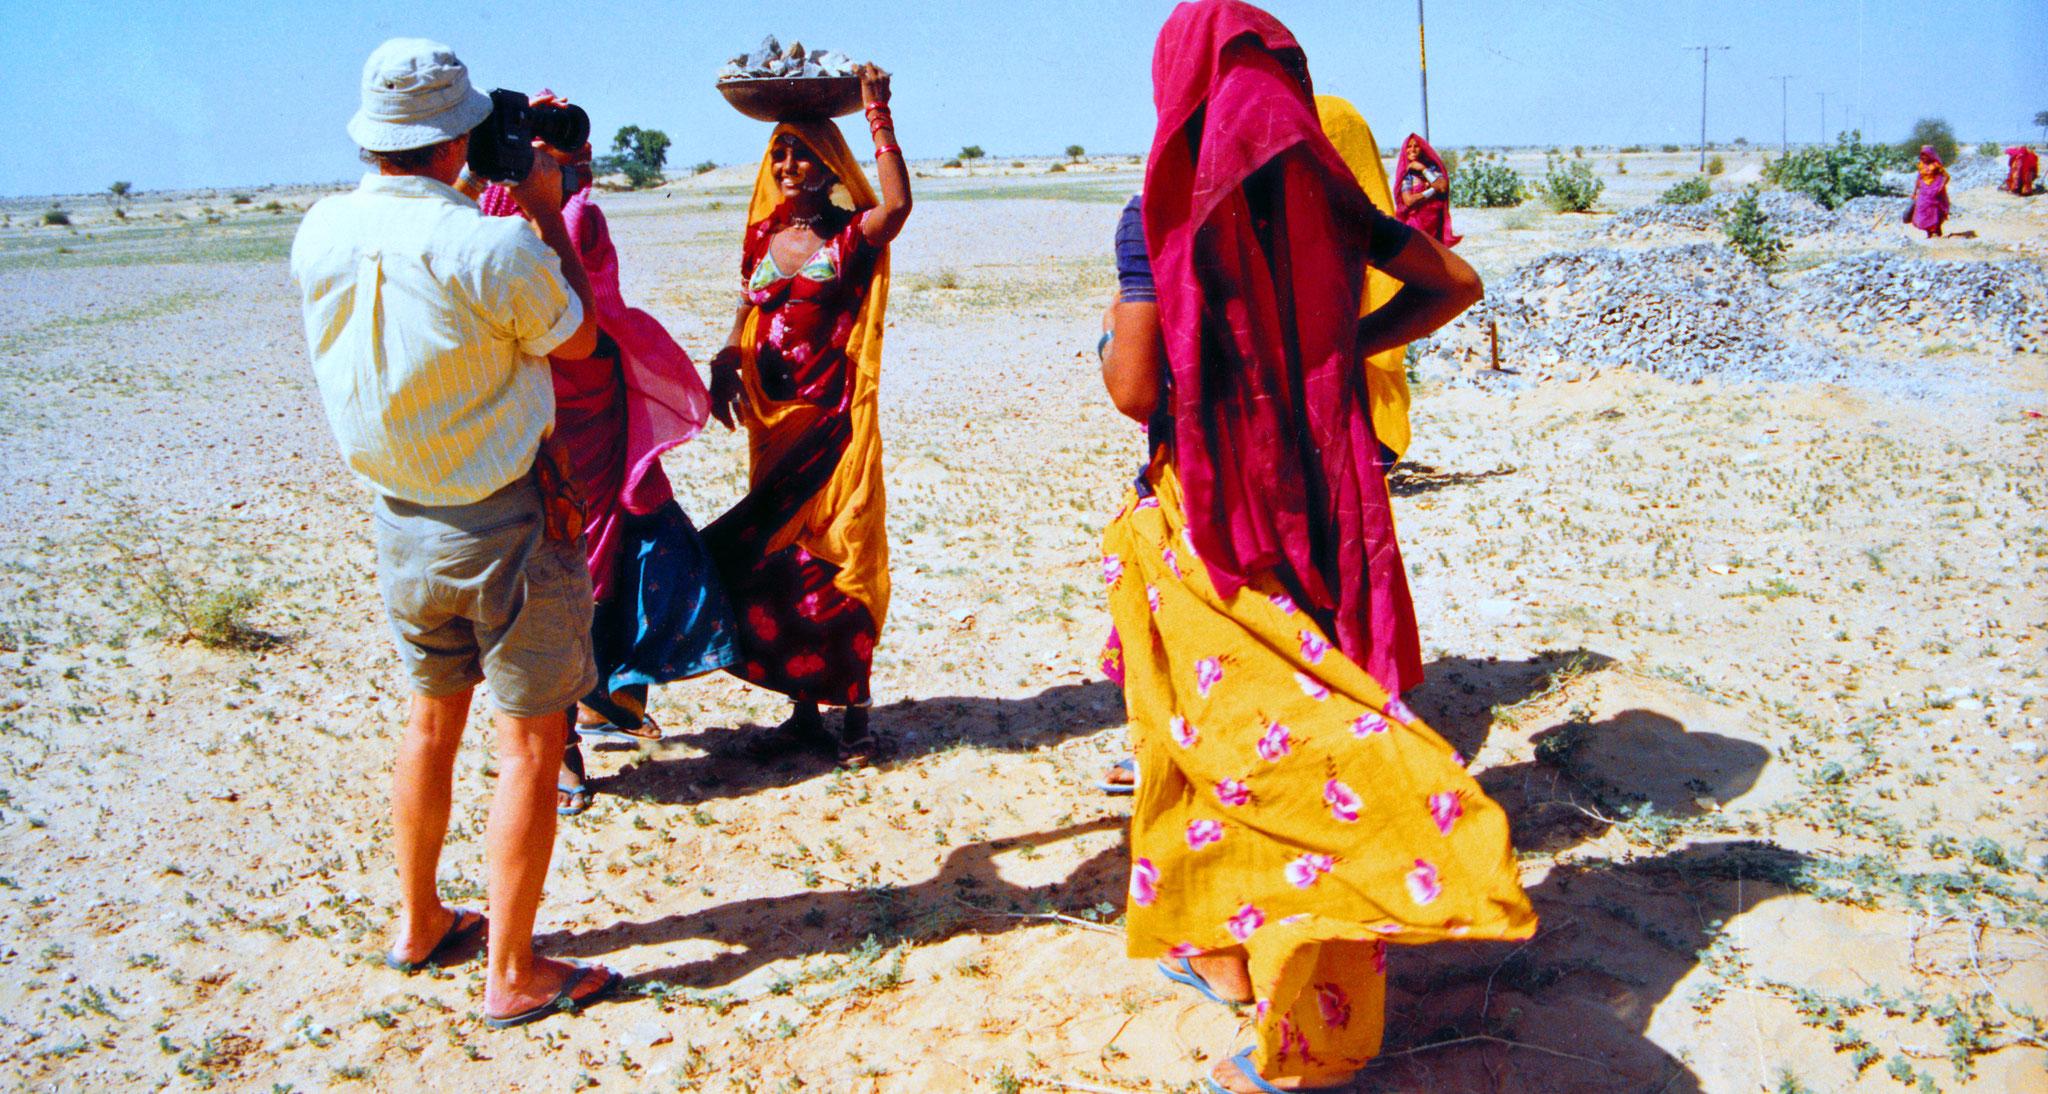 Straßenarbeiterinnen in der Wüste Thar - Rajasthan, Indien